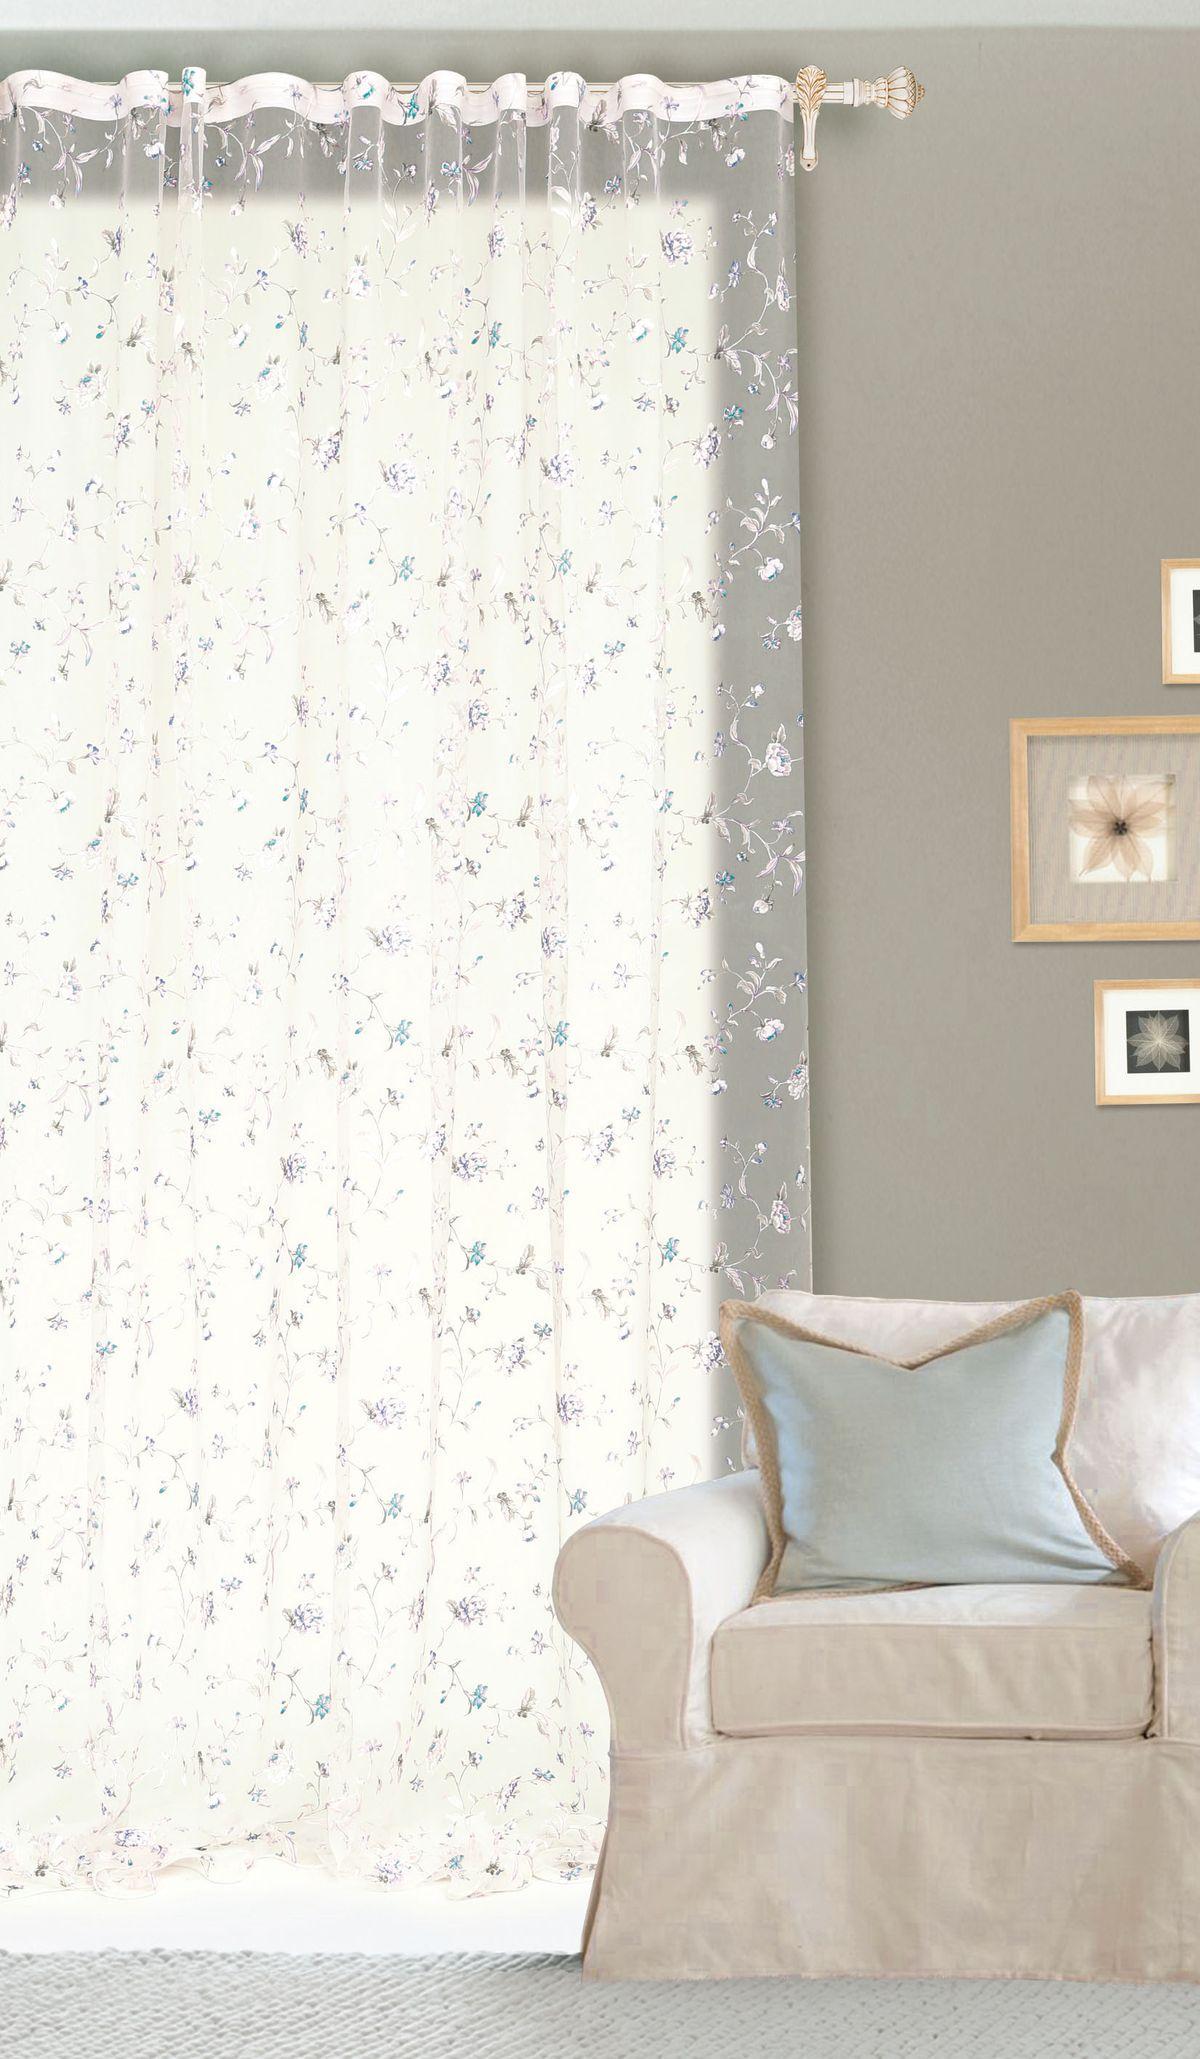 Штора готовая Garden, на ленте, цвет: белый, 300х260 см. С 10250 - W260 V5704487Изящная штора для гостиной Garden выполнена из ткани с оригинальной структурой. Приятная текстура и цвет штор привлекут к себе внимание и органично впишутся в интерьер помещения. Штора крепится на карниз при помощи ленты, которая поможет красиво и равномерно задрапировать верх.